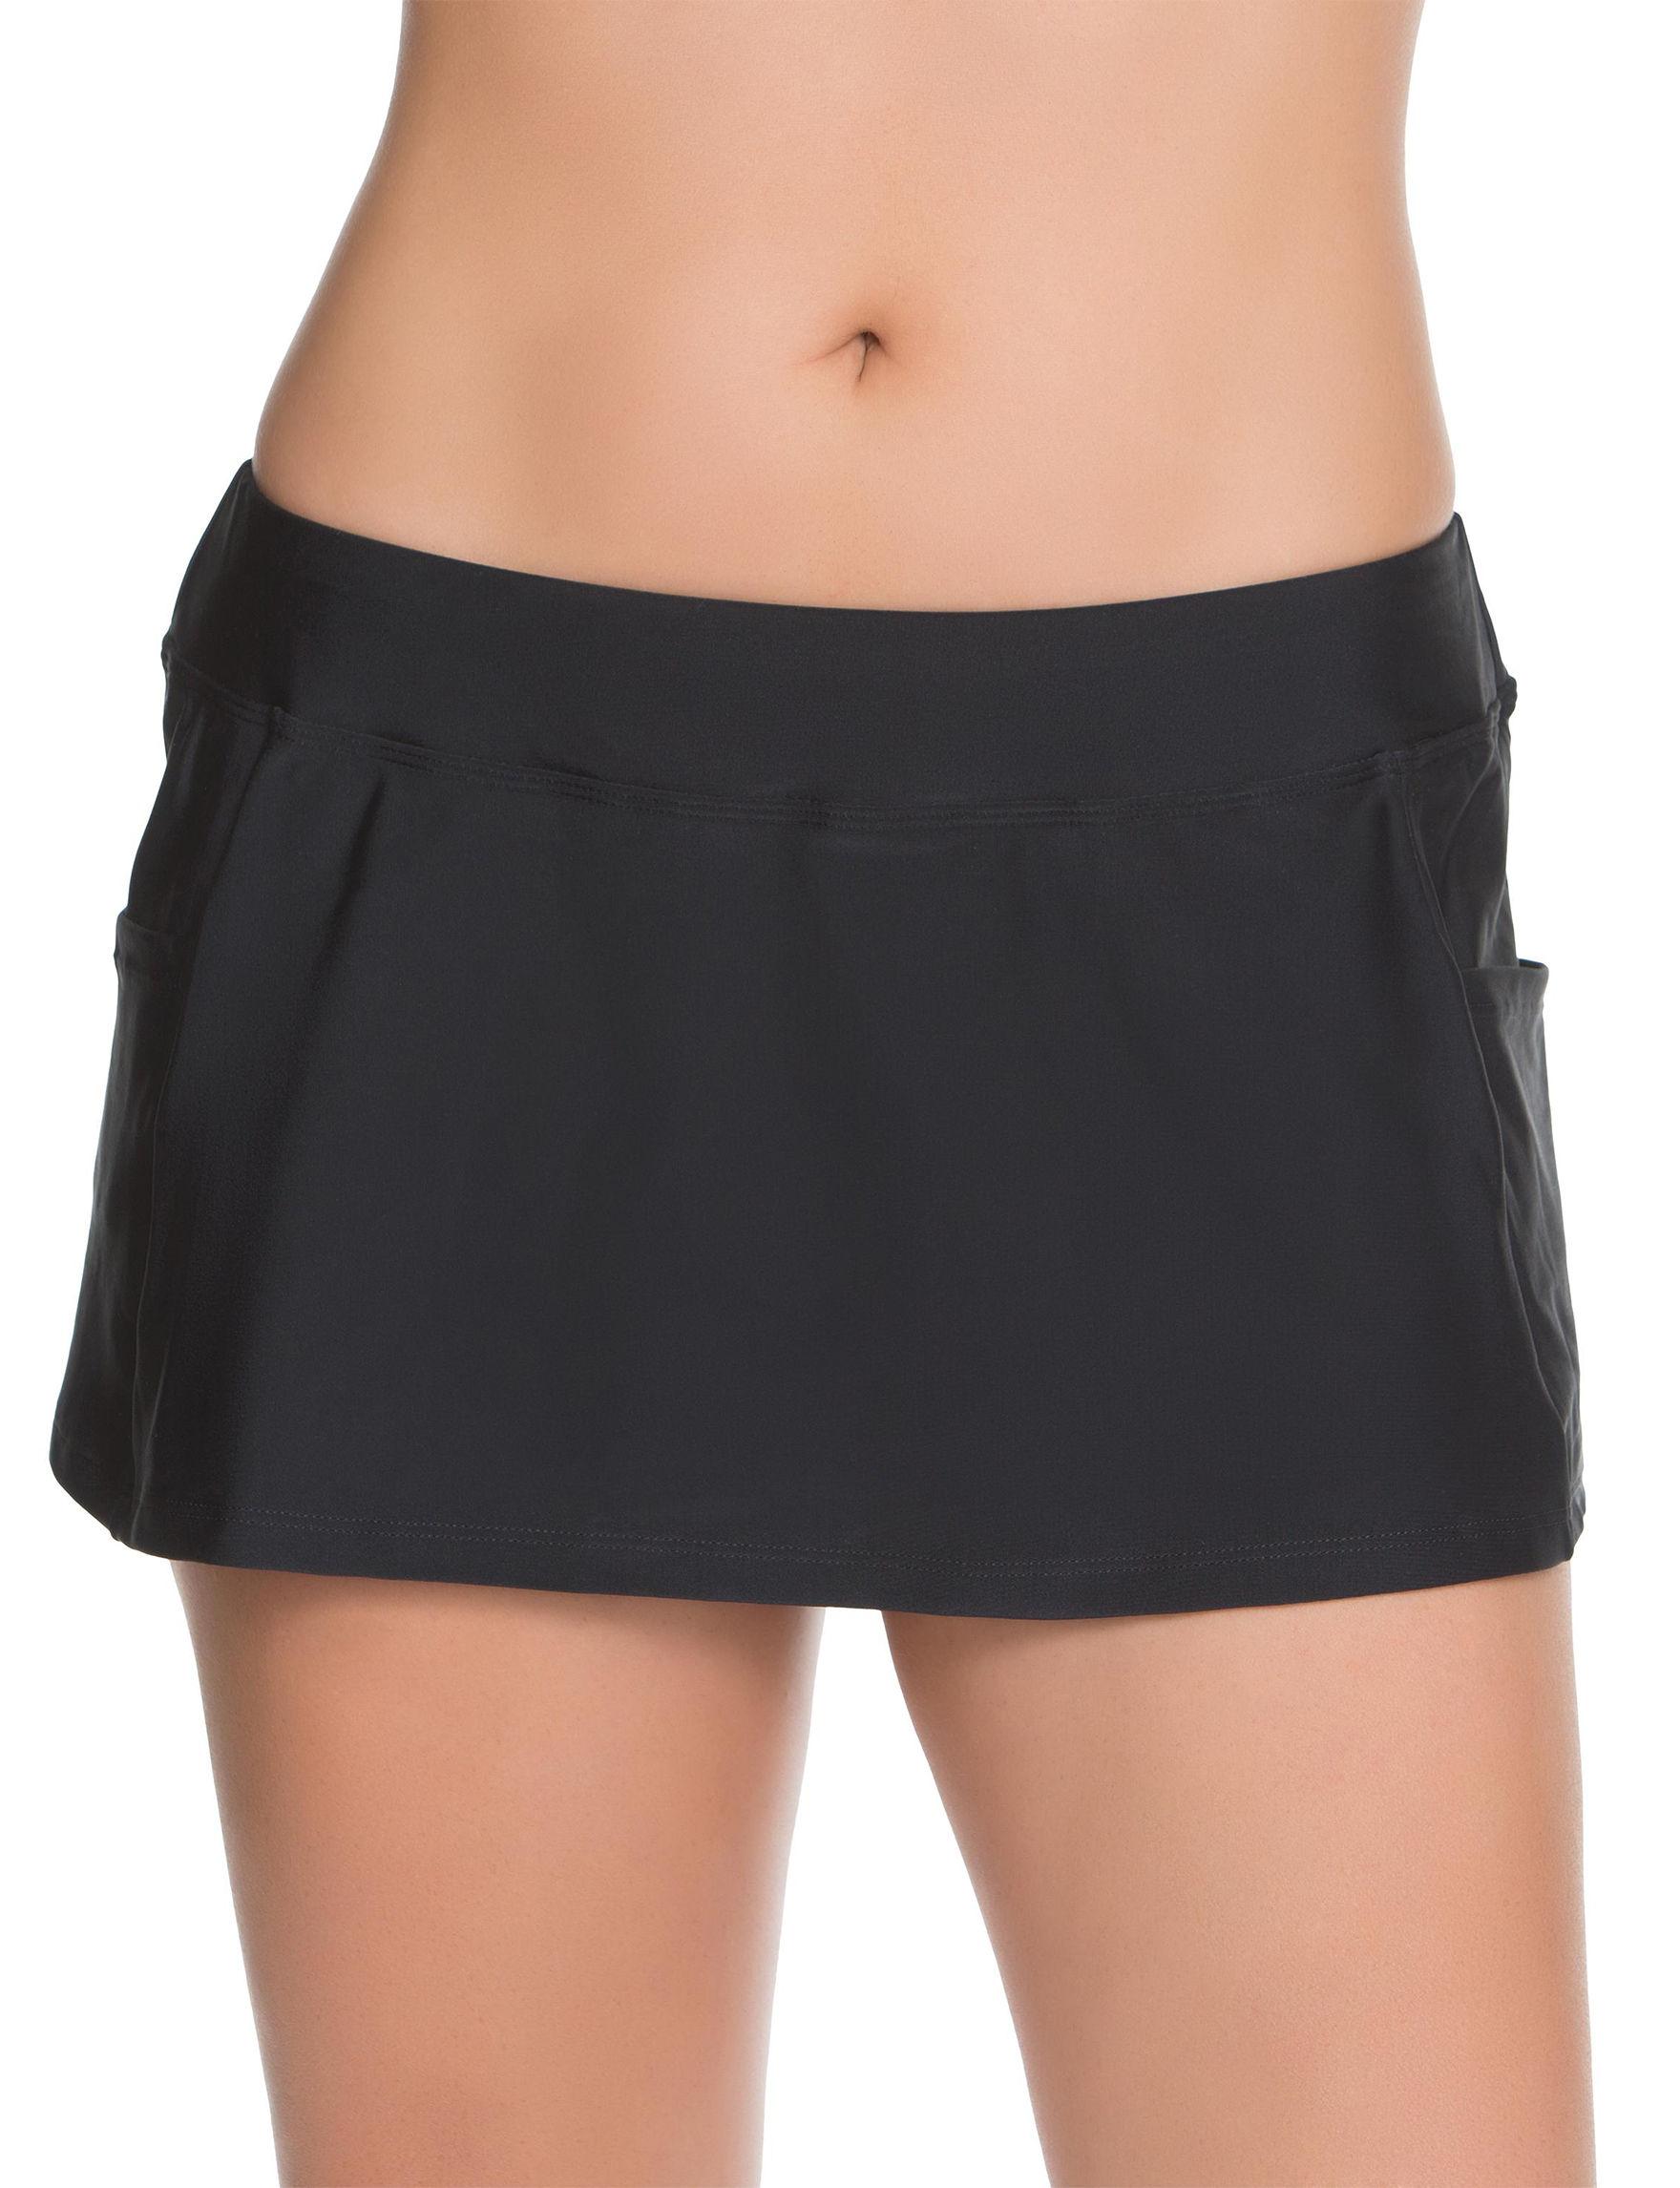 Splashletics Black Swimsuit Bottoms Skirtini